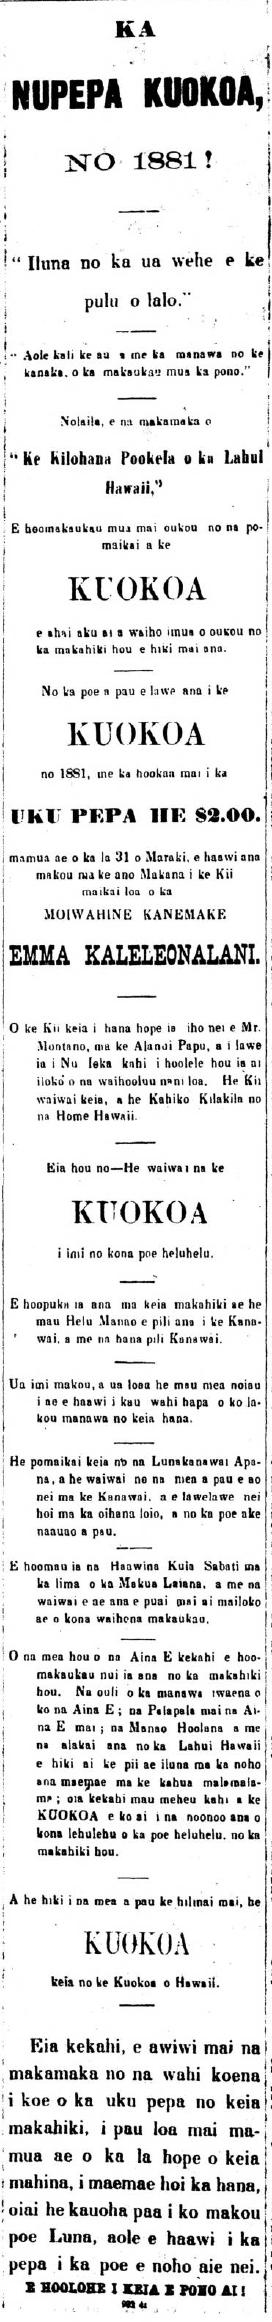 Kuokoa_12_4_1880_2.png